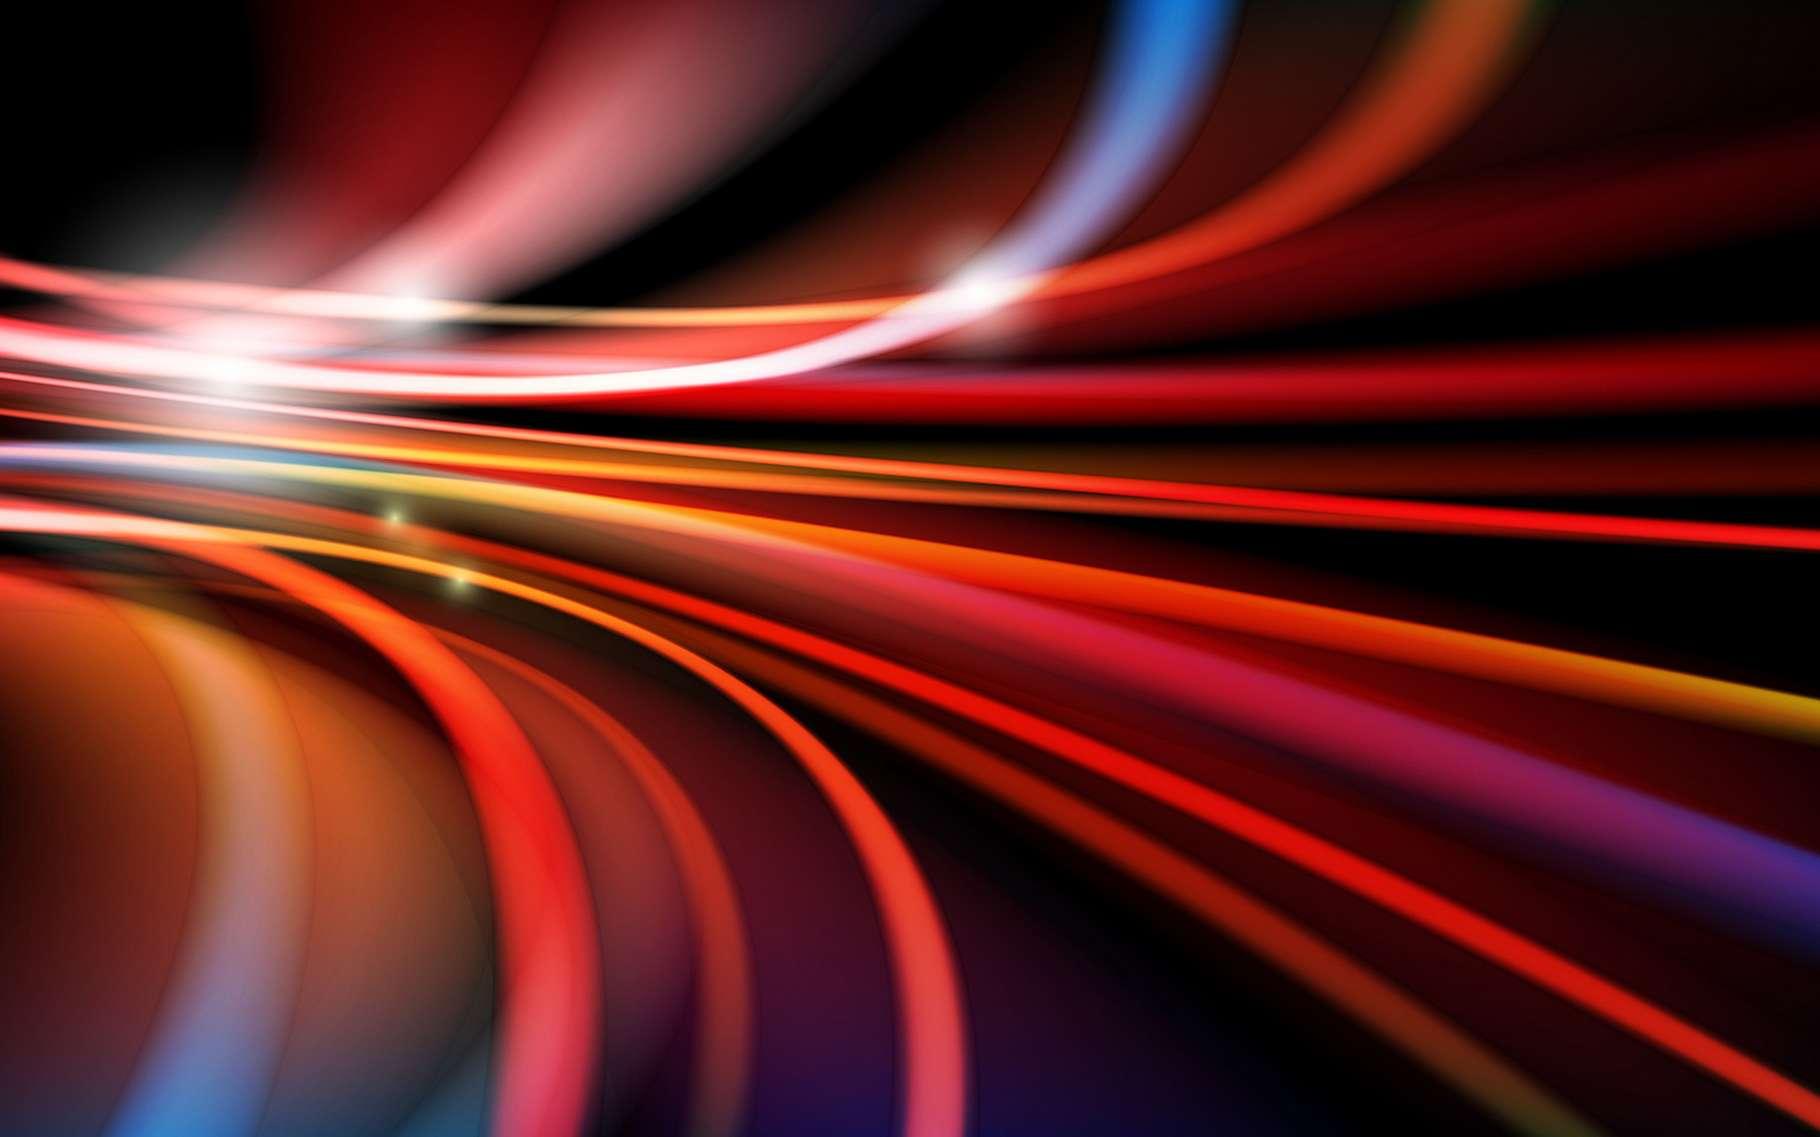 On dit qu'un corps est en mouvement lorsque sa position varie au cours du temps. © Rzoog, Fotolia